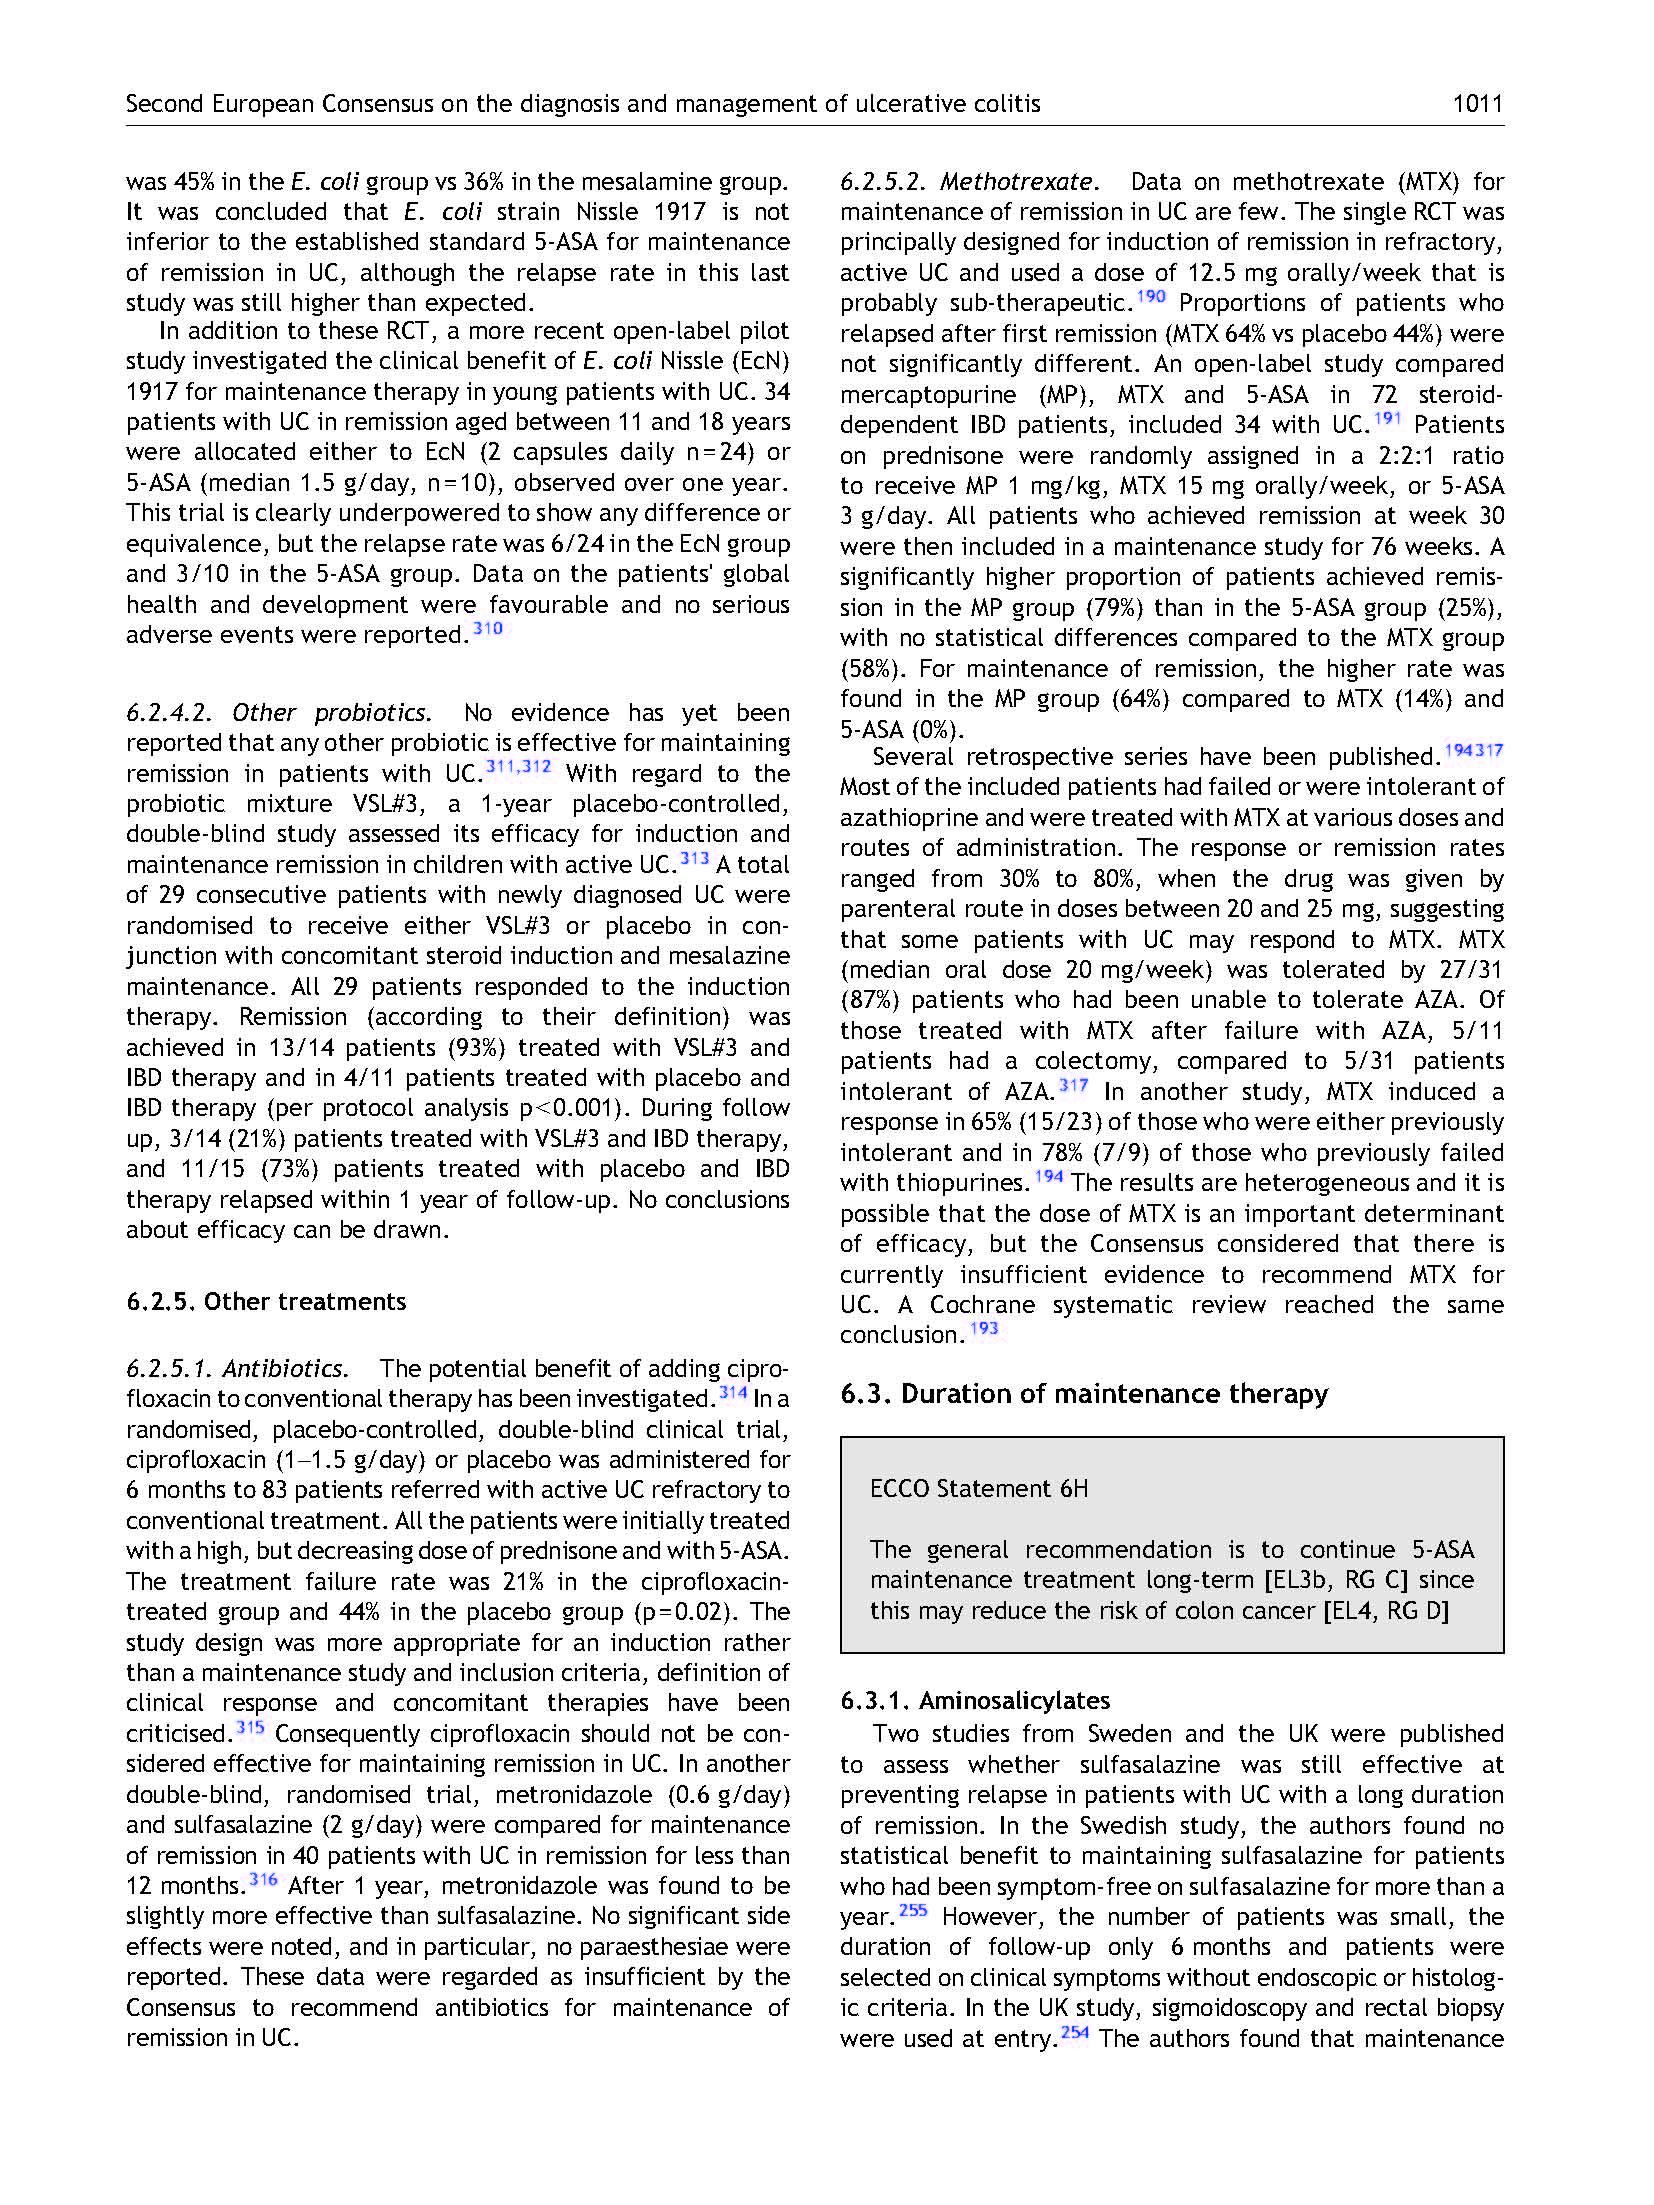 2012-ECCO第二版-欧洲询证共识:溃疡性结肠炎的诊断和处理—日常处理_页面_21.jpg